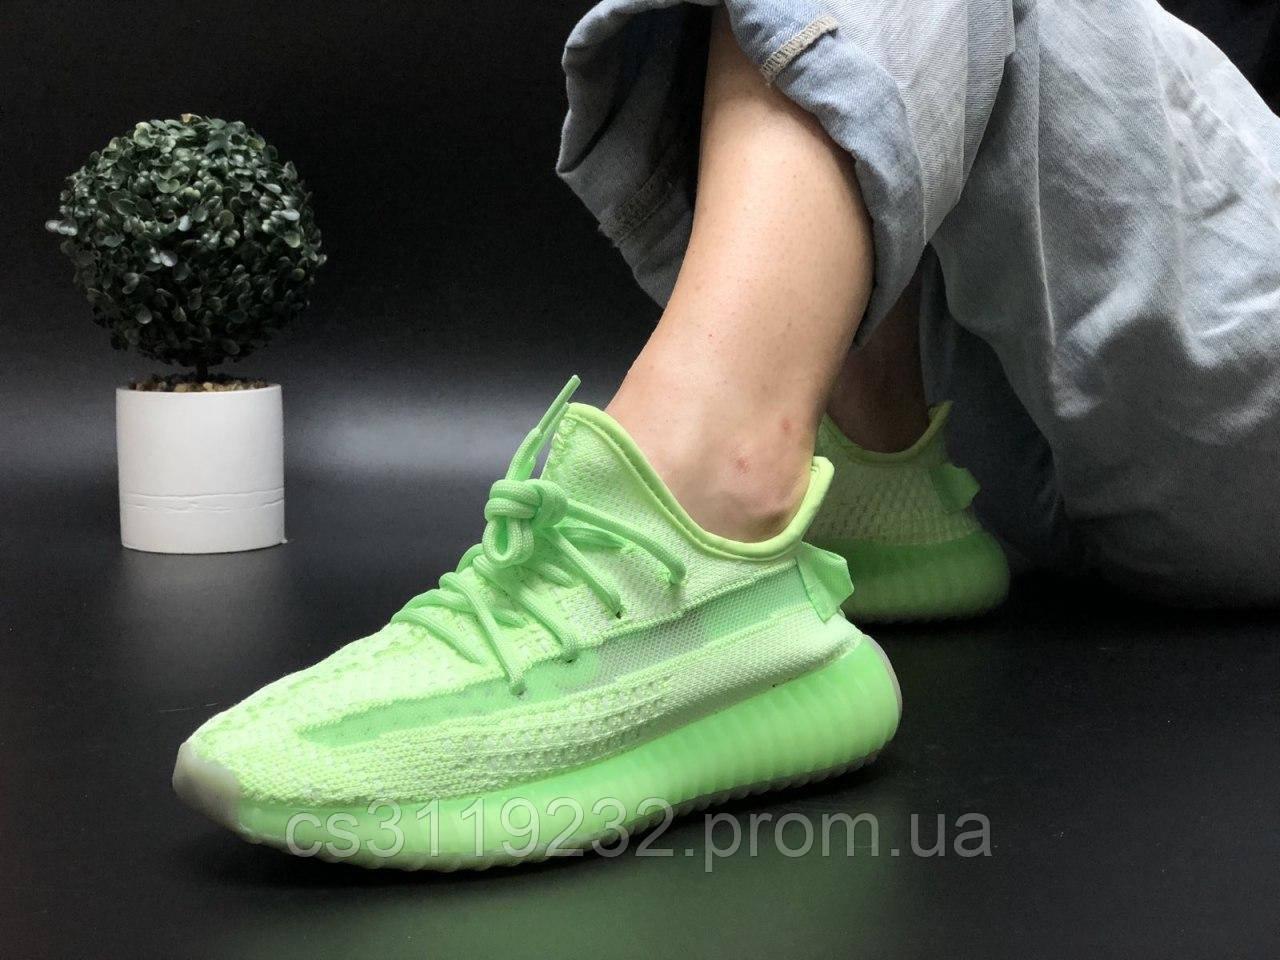 Жіночі кросівки Adidas Yeezy v2 350 Glow in dark (зелений)